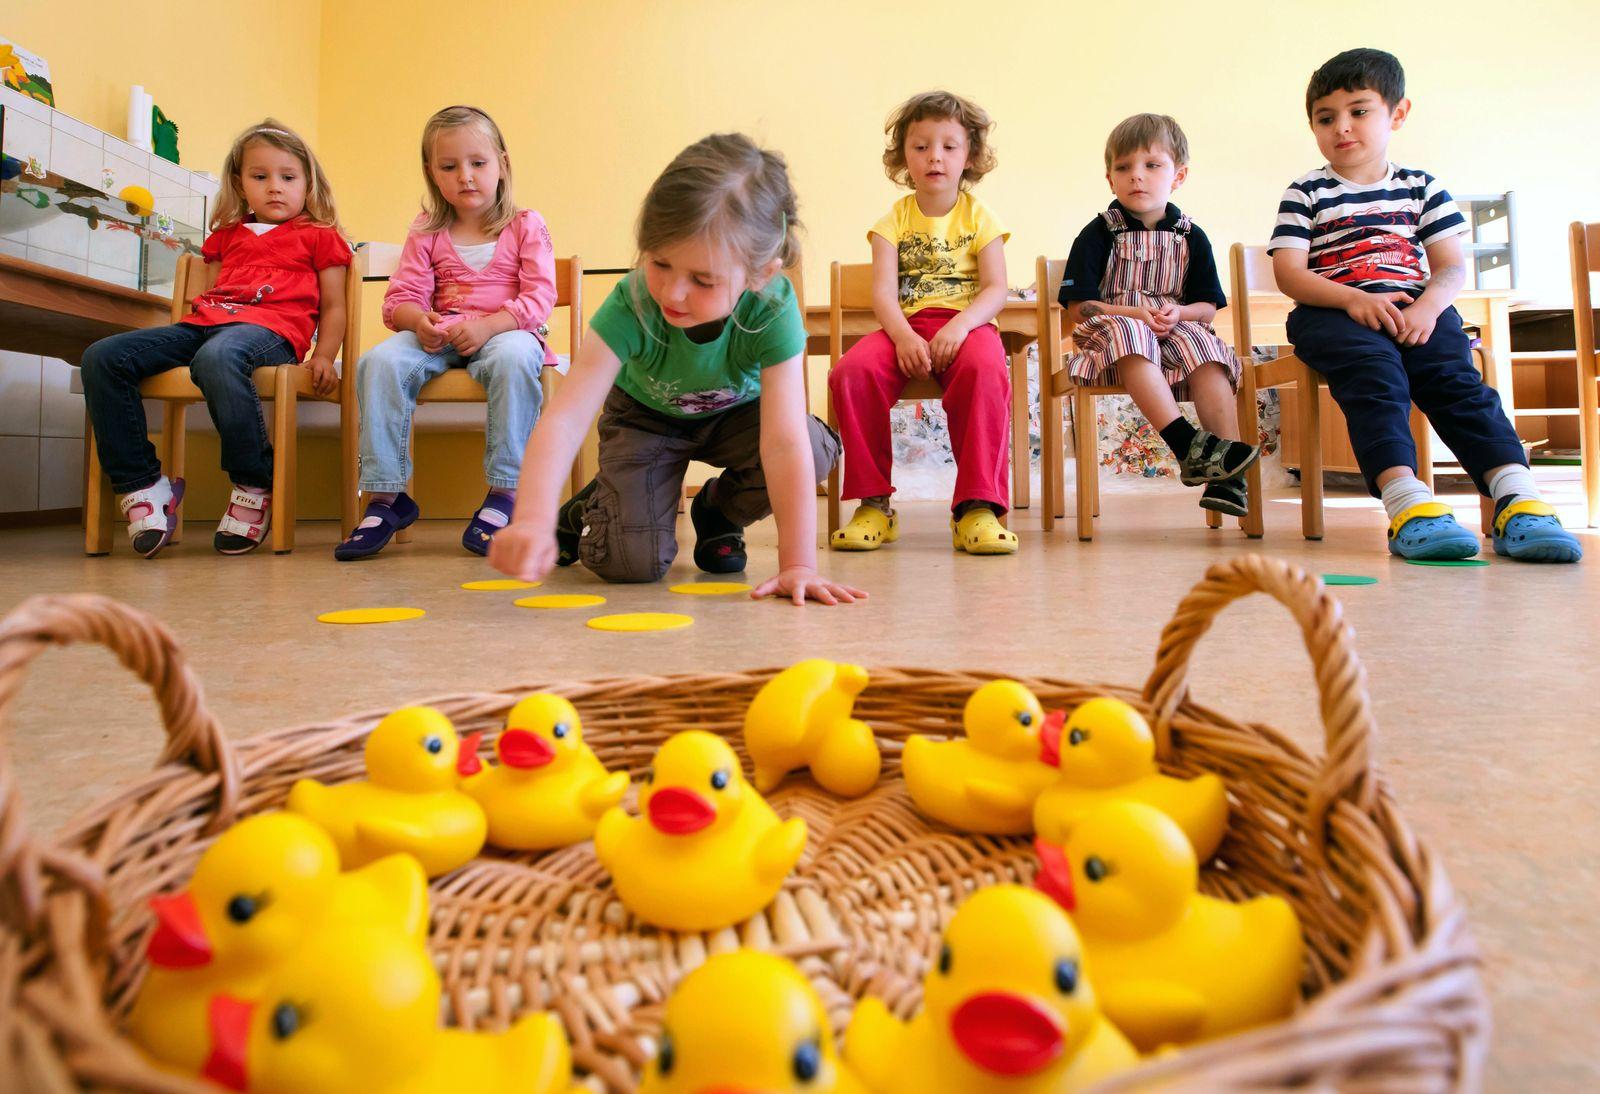 Kindertagesstätte / Kinderbetreuung